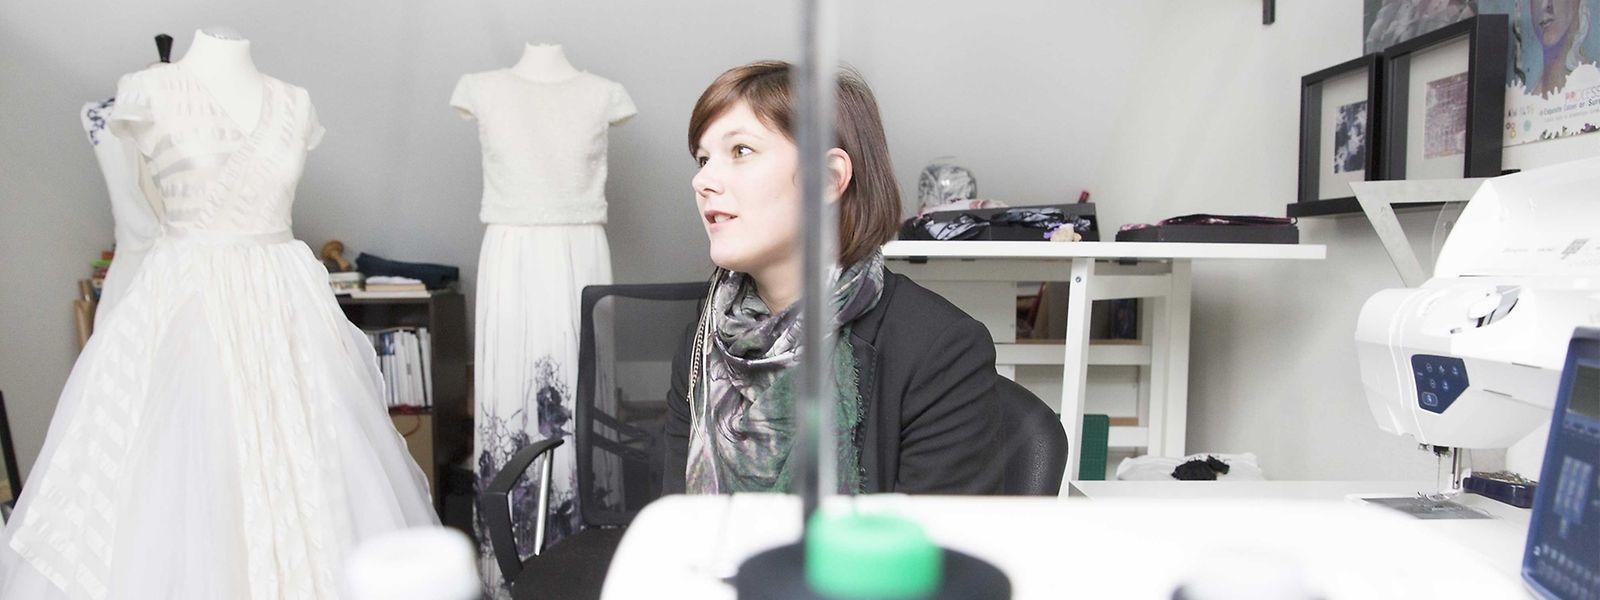 Nathalie Siebenaler legt Wert auf Individualität und Wandelbarkeit.